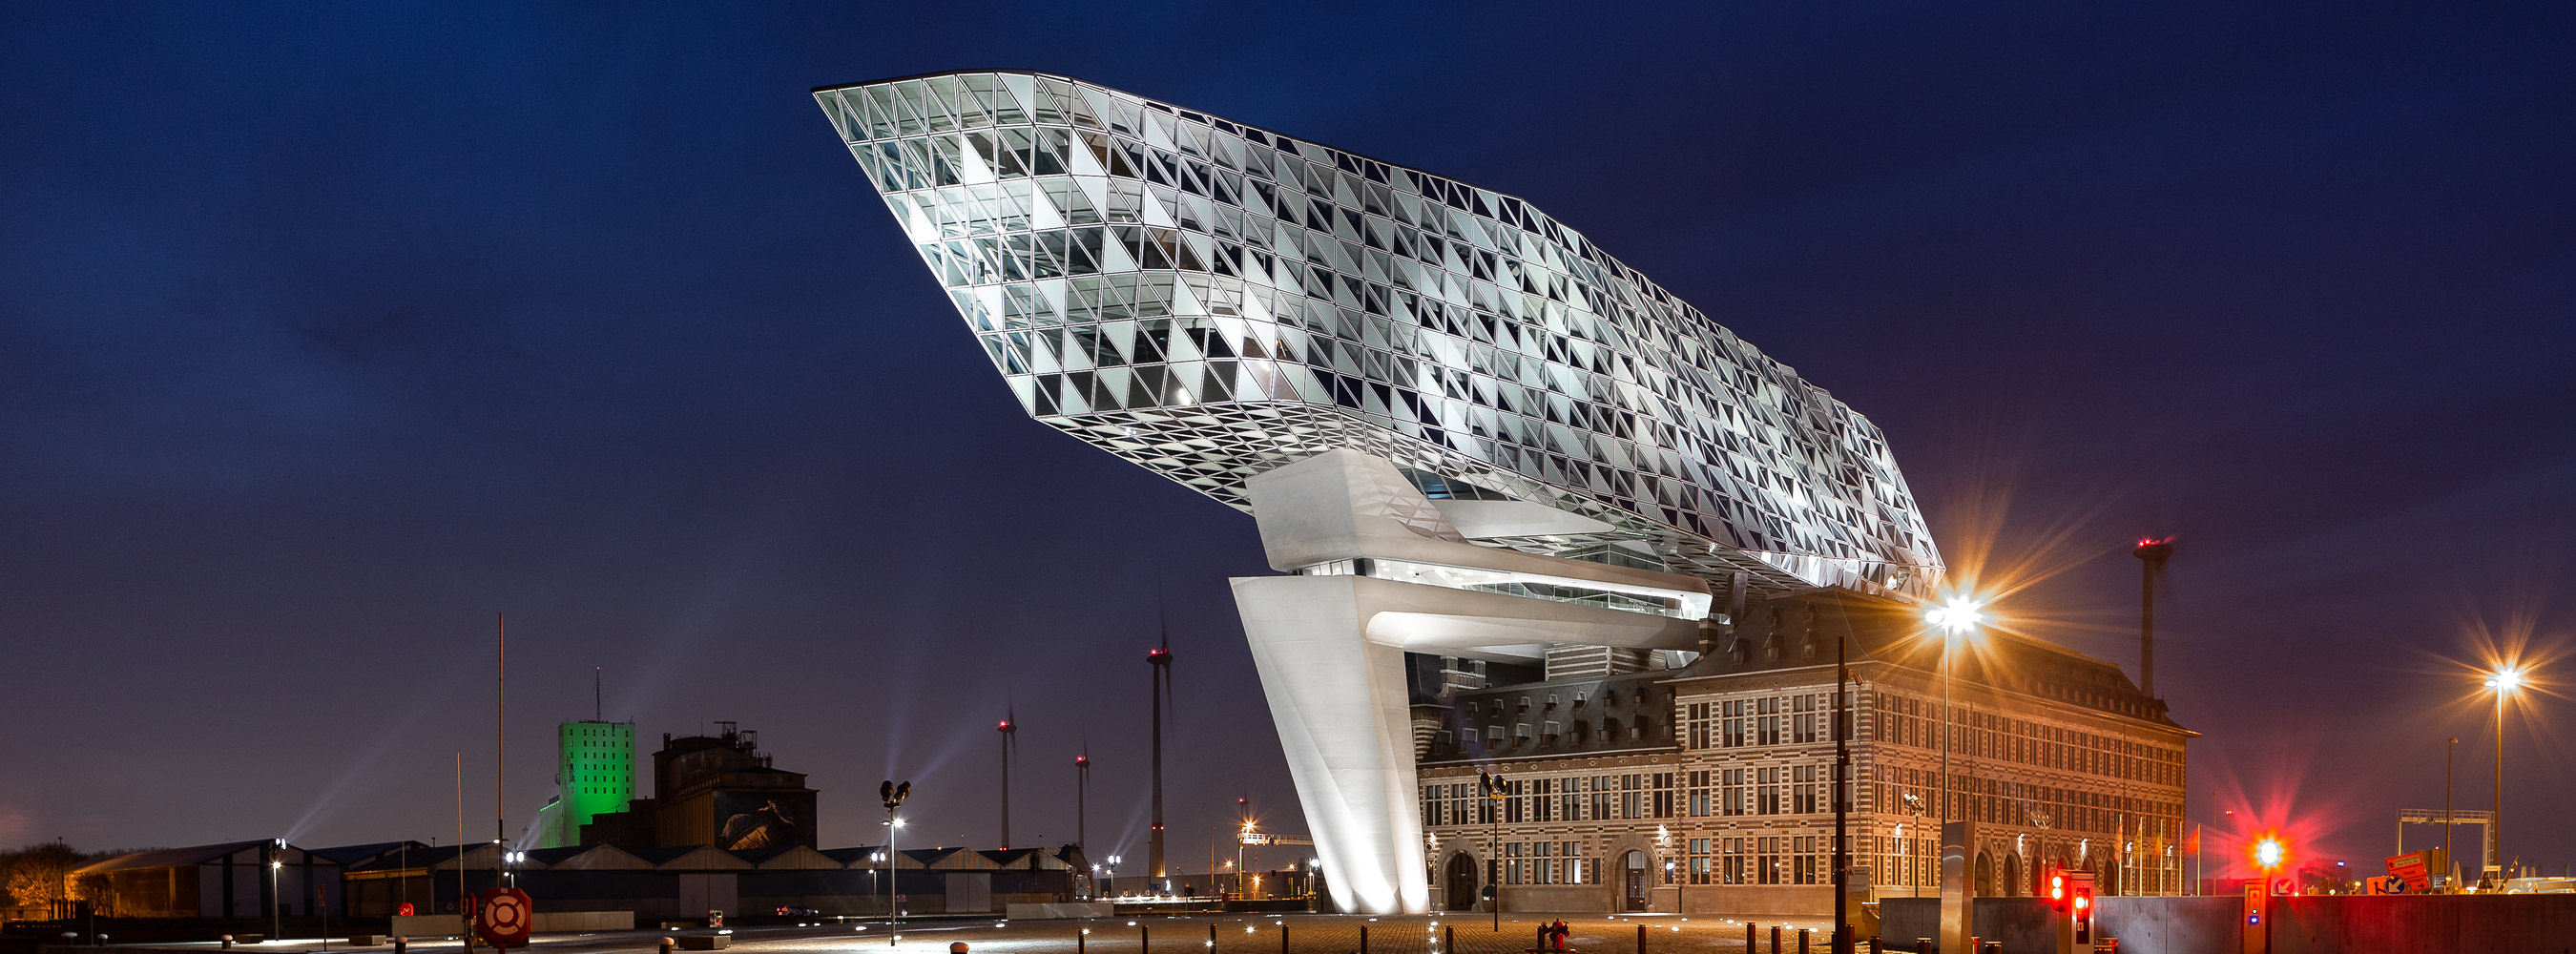 Antwerpen Havenhuis - Port House